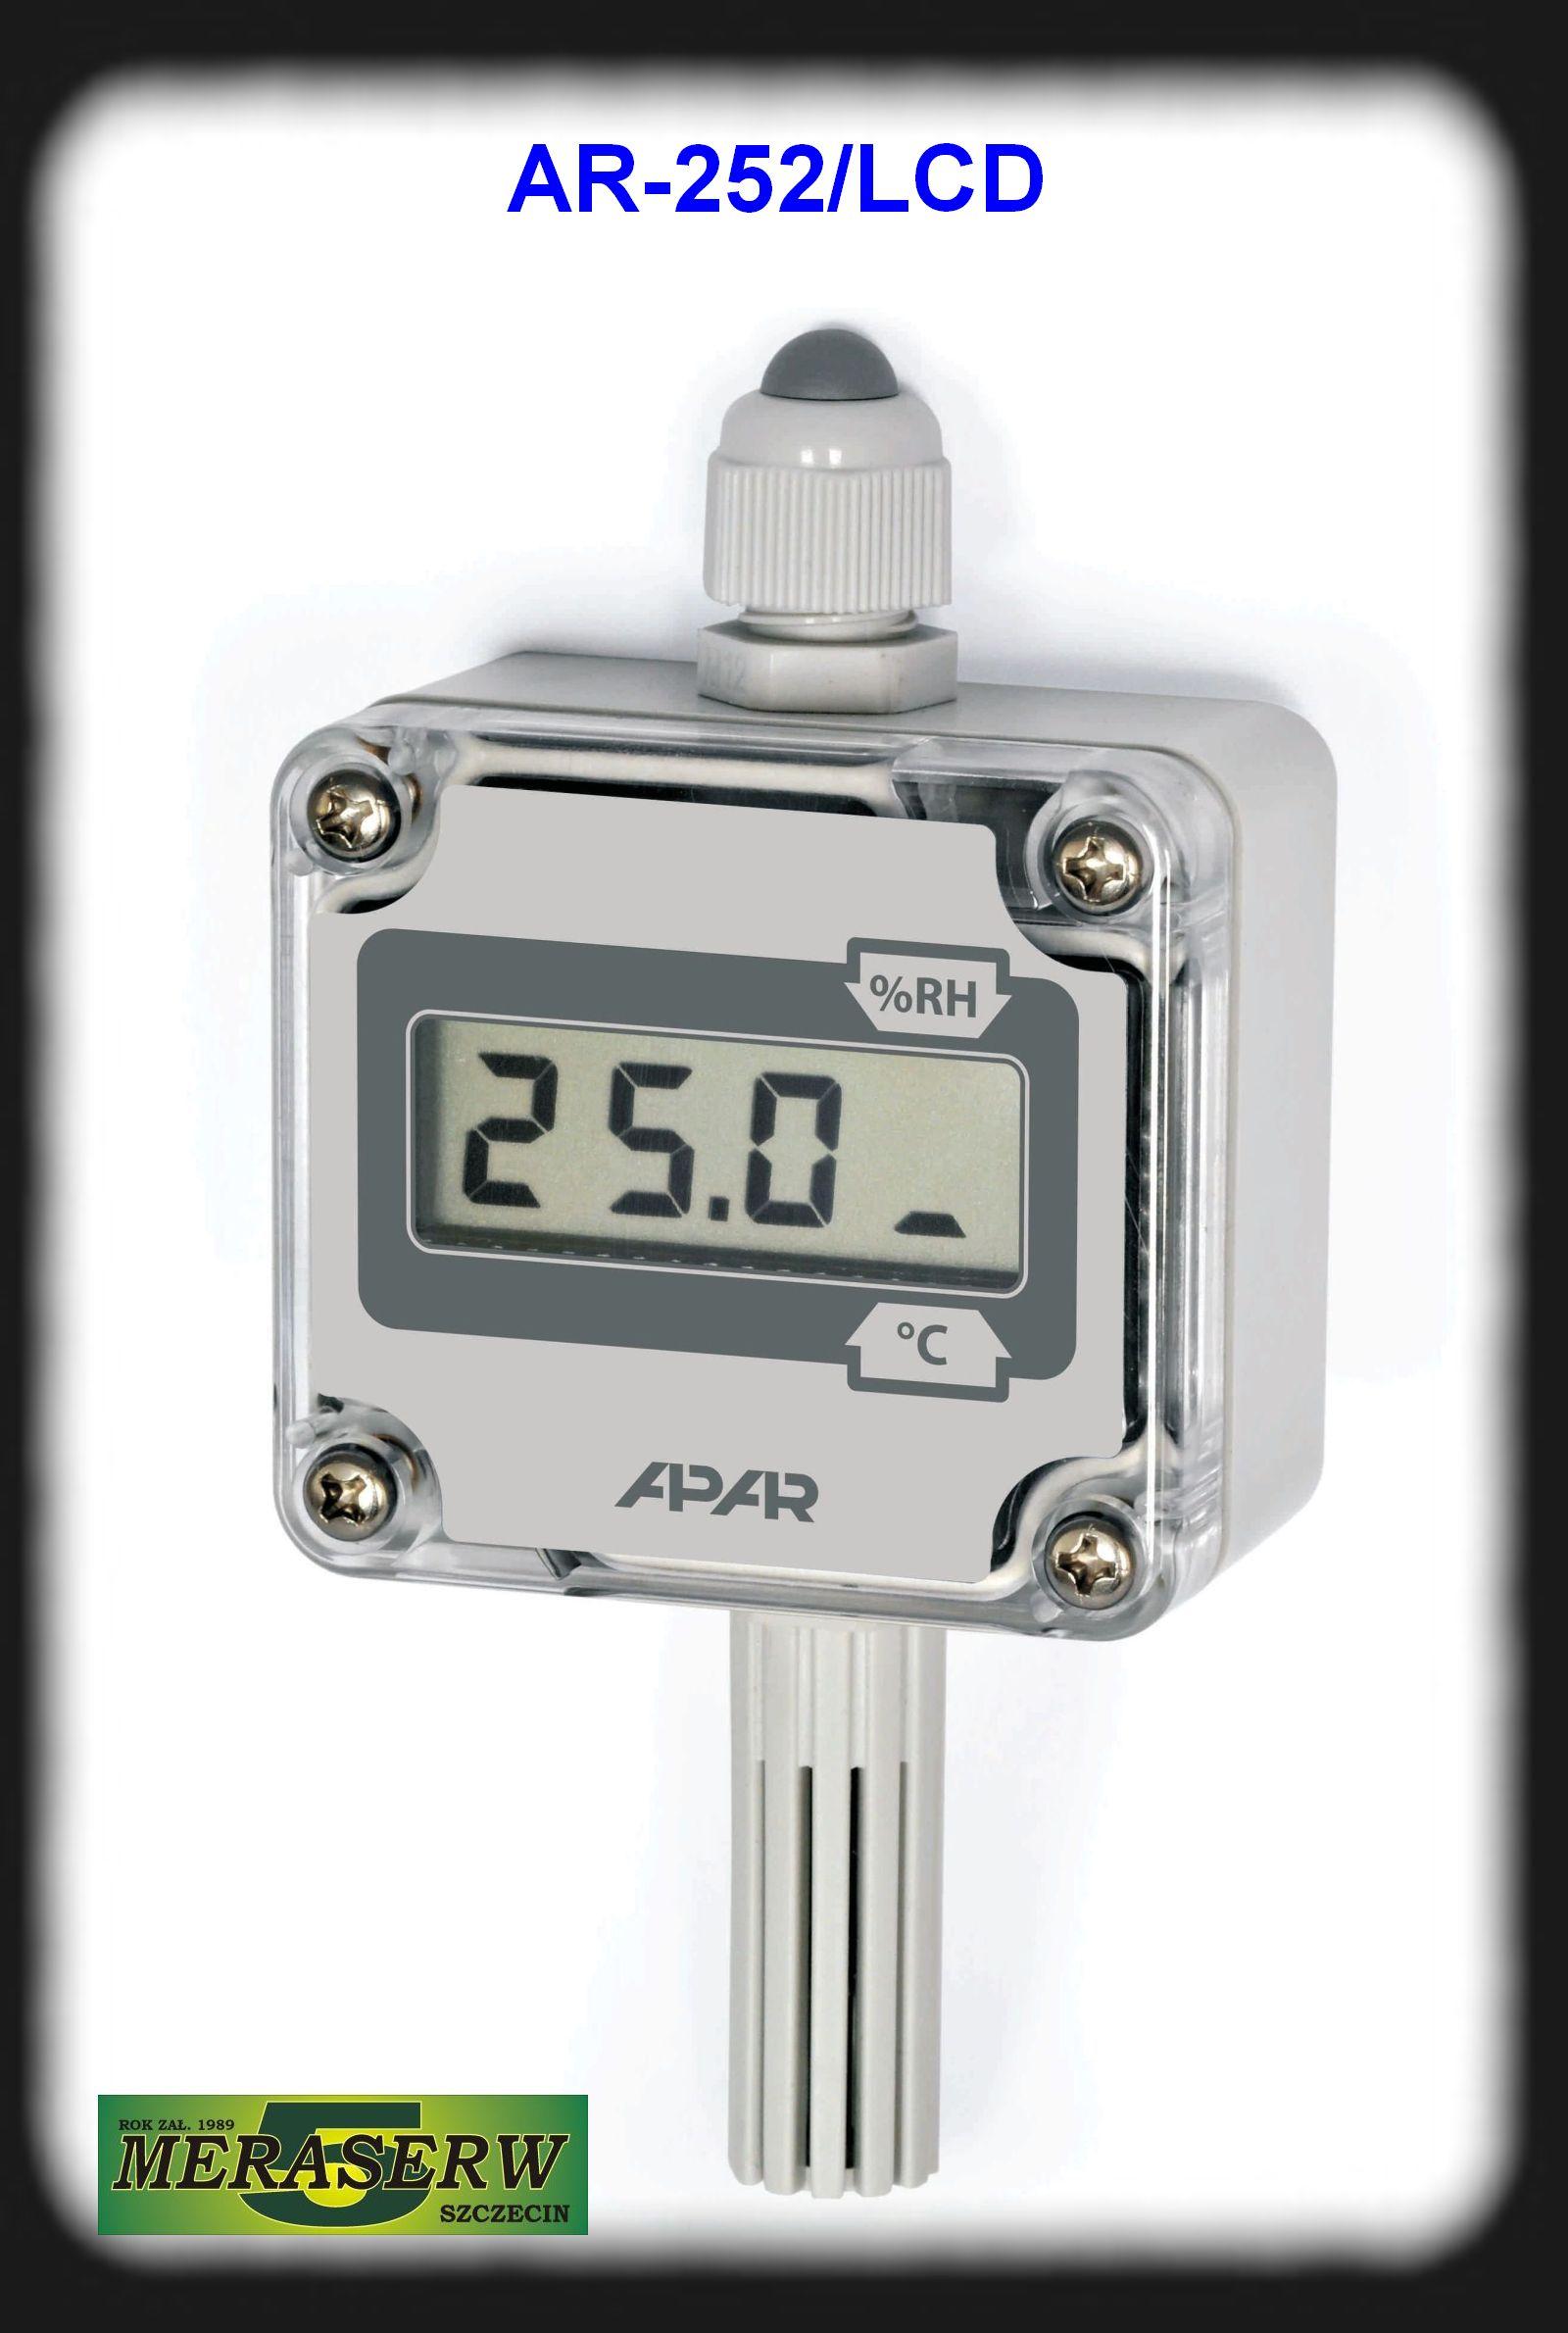 AR252/LCD